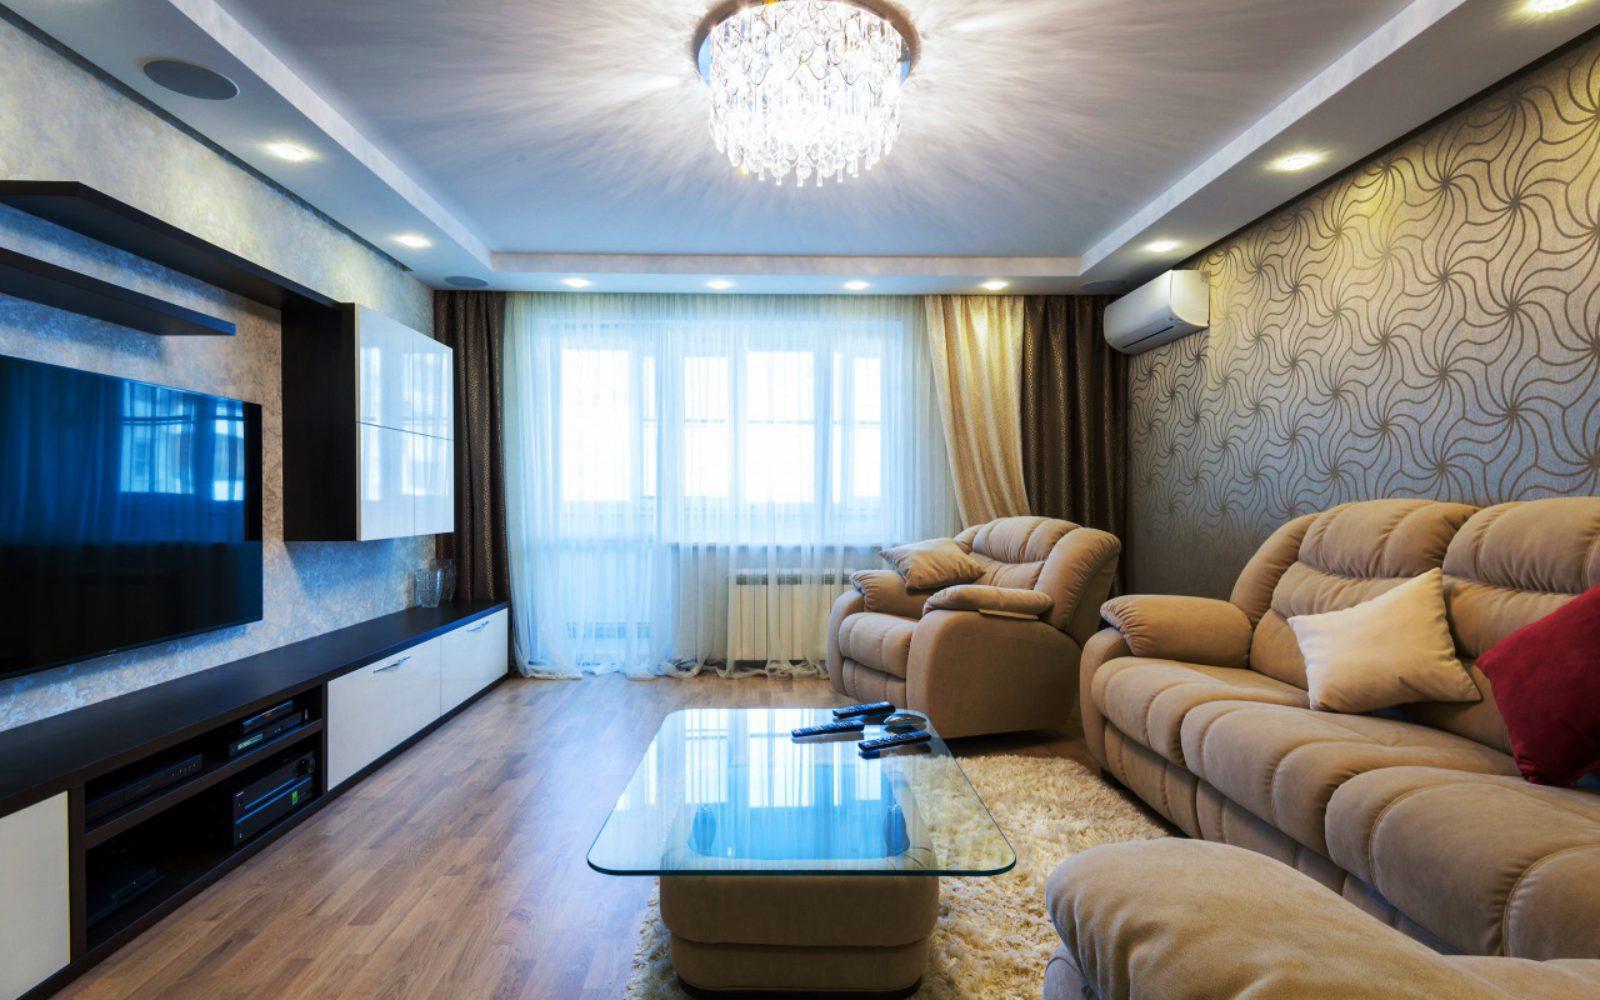 Как расставить мебель в вашей квартире?